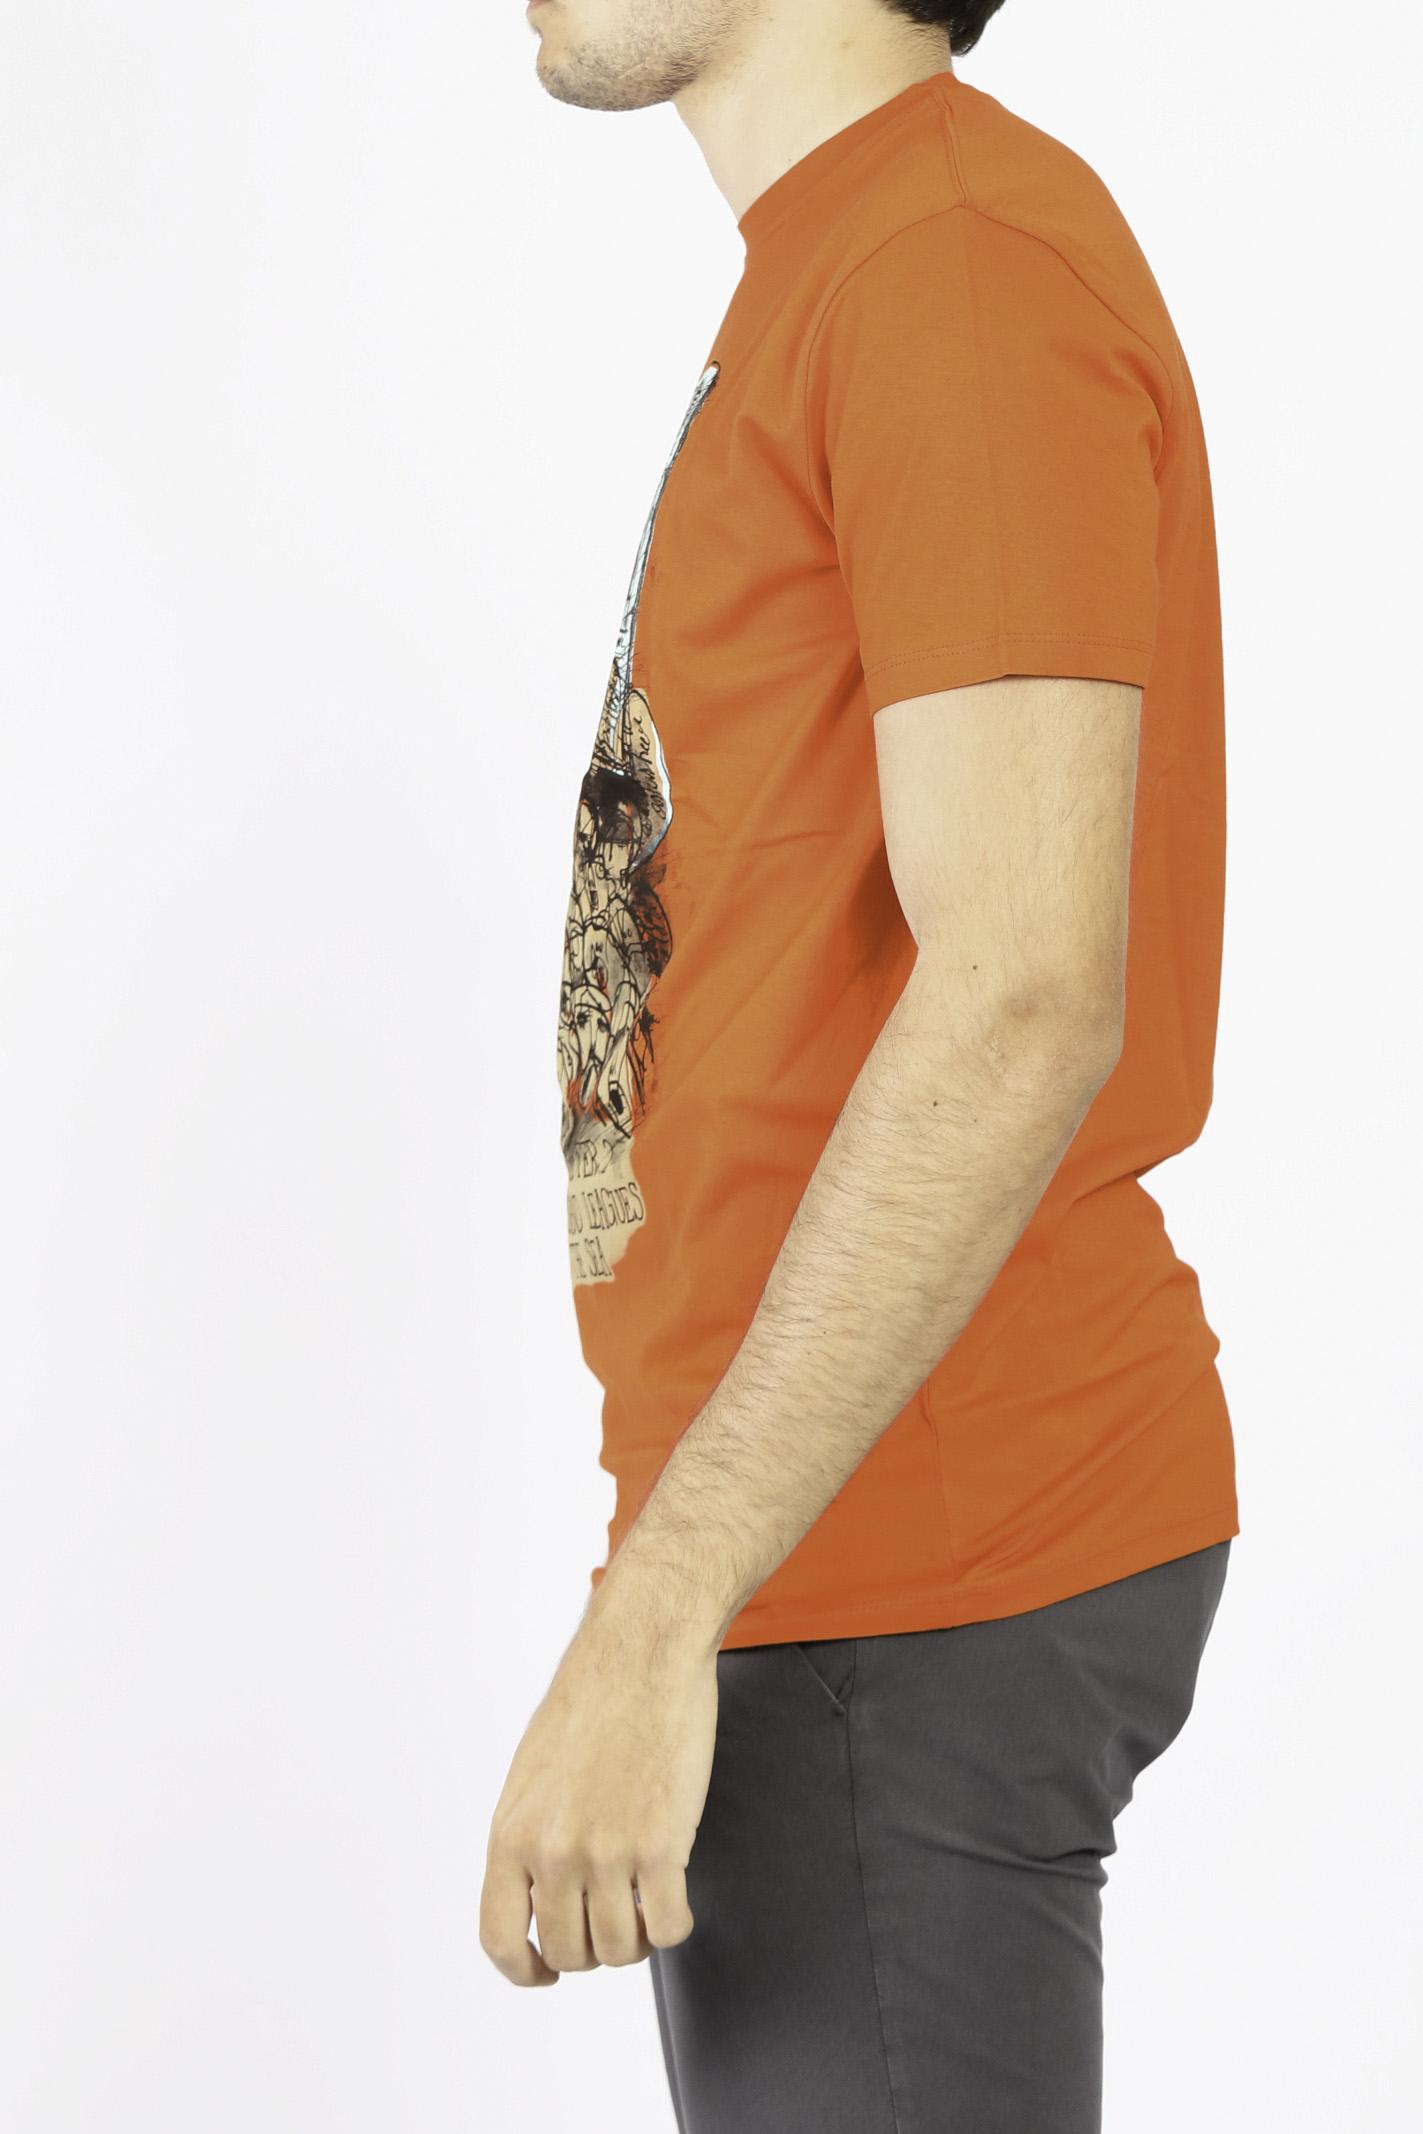 T-SHIRT IN JERSEY DI COTONE RRD | T-shirt | 2115430